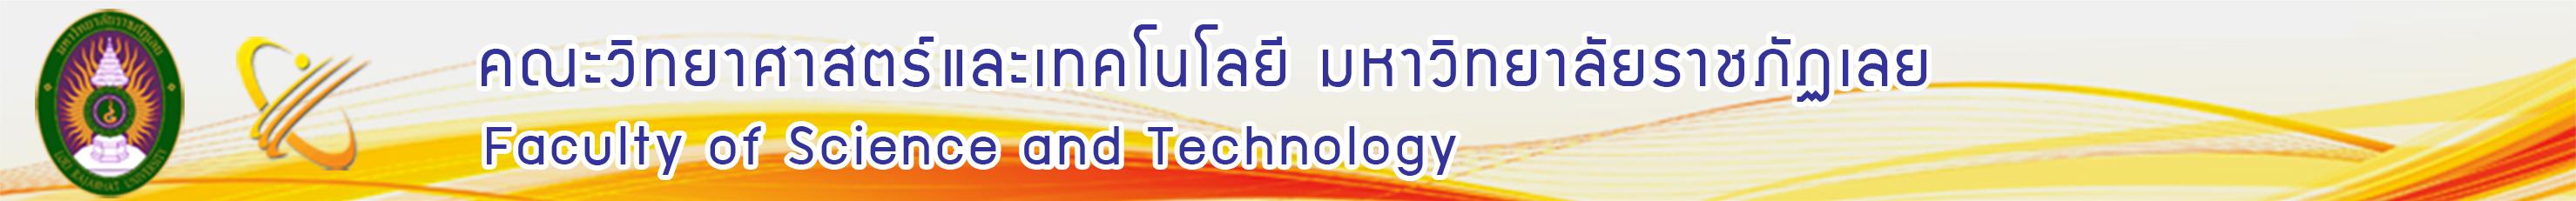 คณะวิทยาศาสตร์และเทคโนโลยี มหาวิทยาลัยราชภัฏเลย | Science LRU